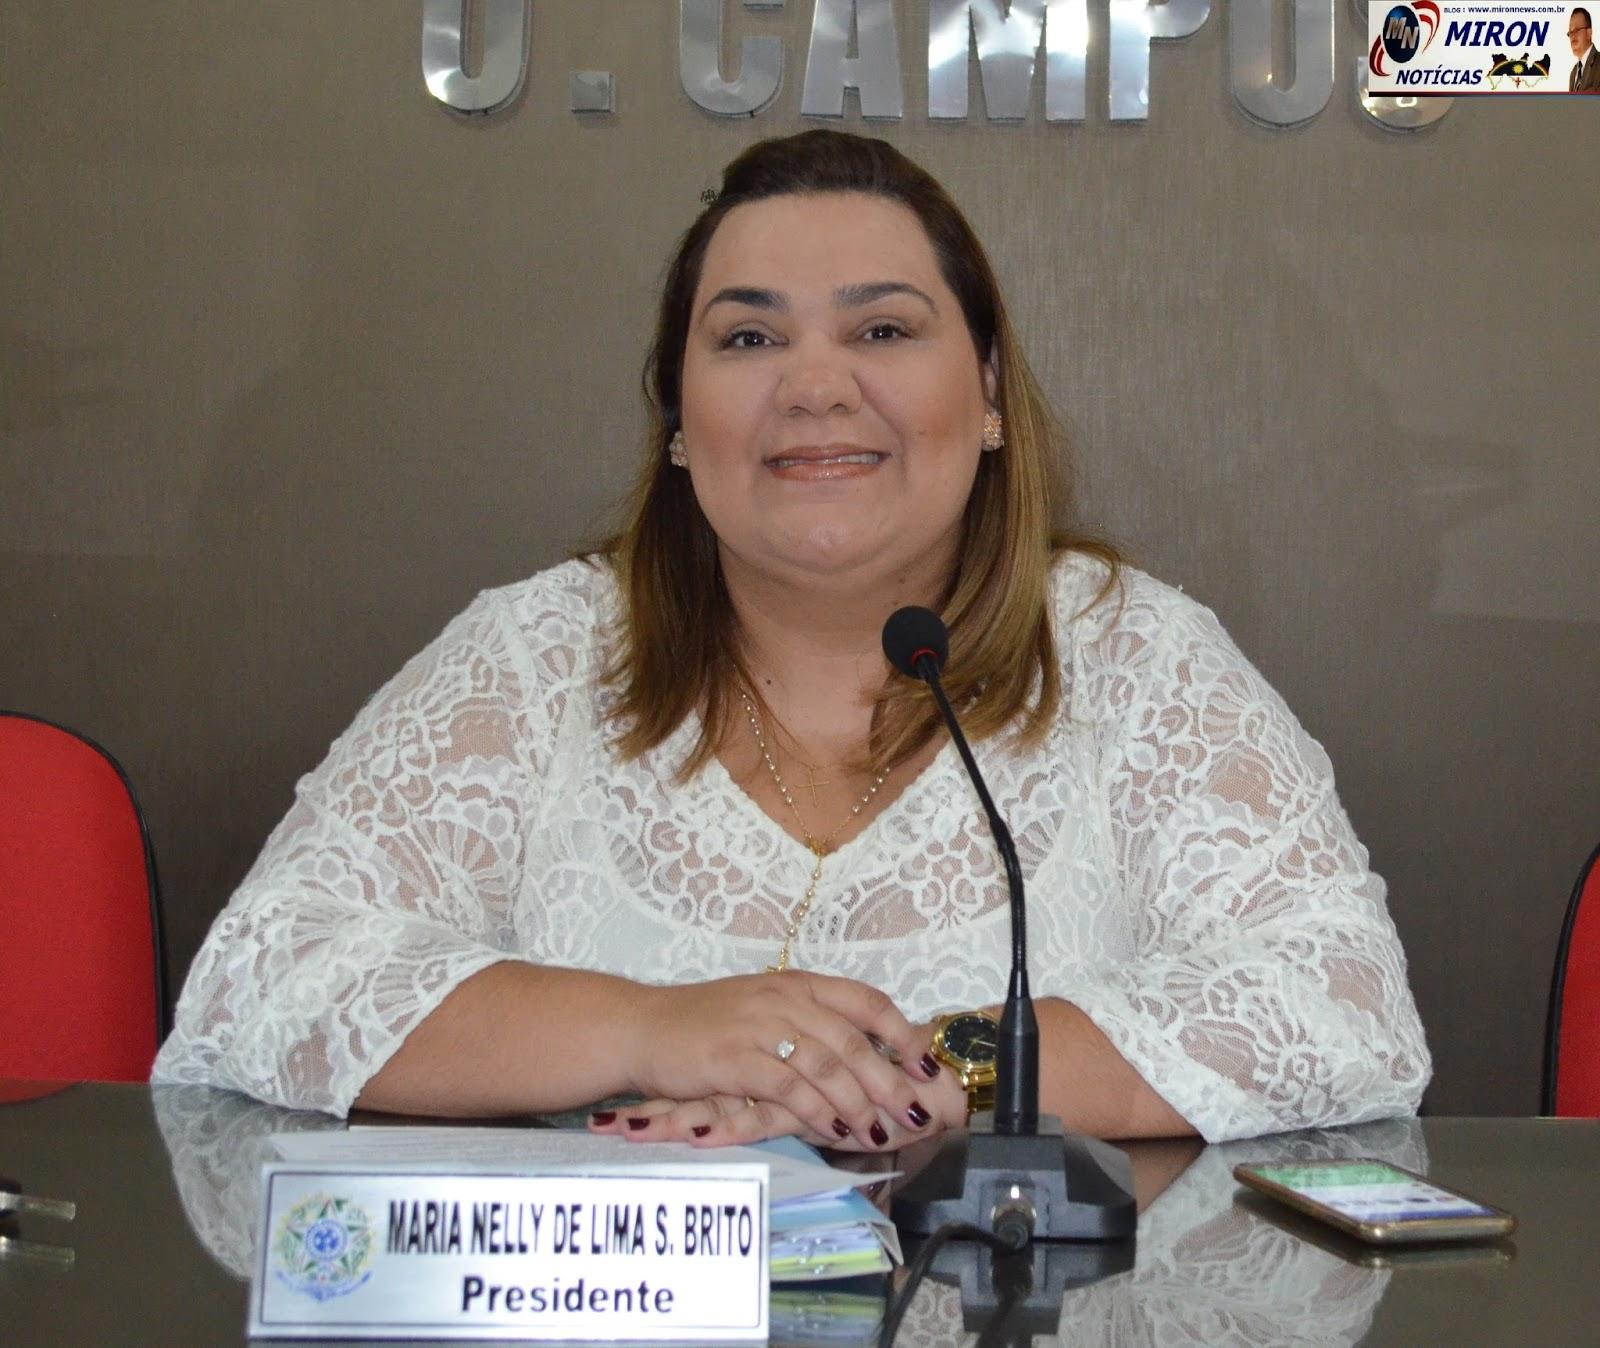 """BLOG MIRON NOTÍCIAS : Vereadora/Presidente Nelly Sampaio, """"Aberta ..."""